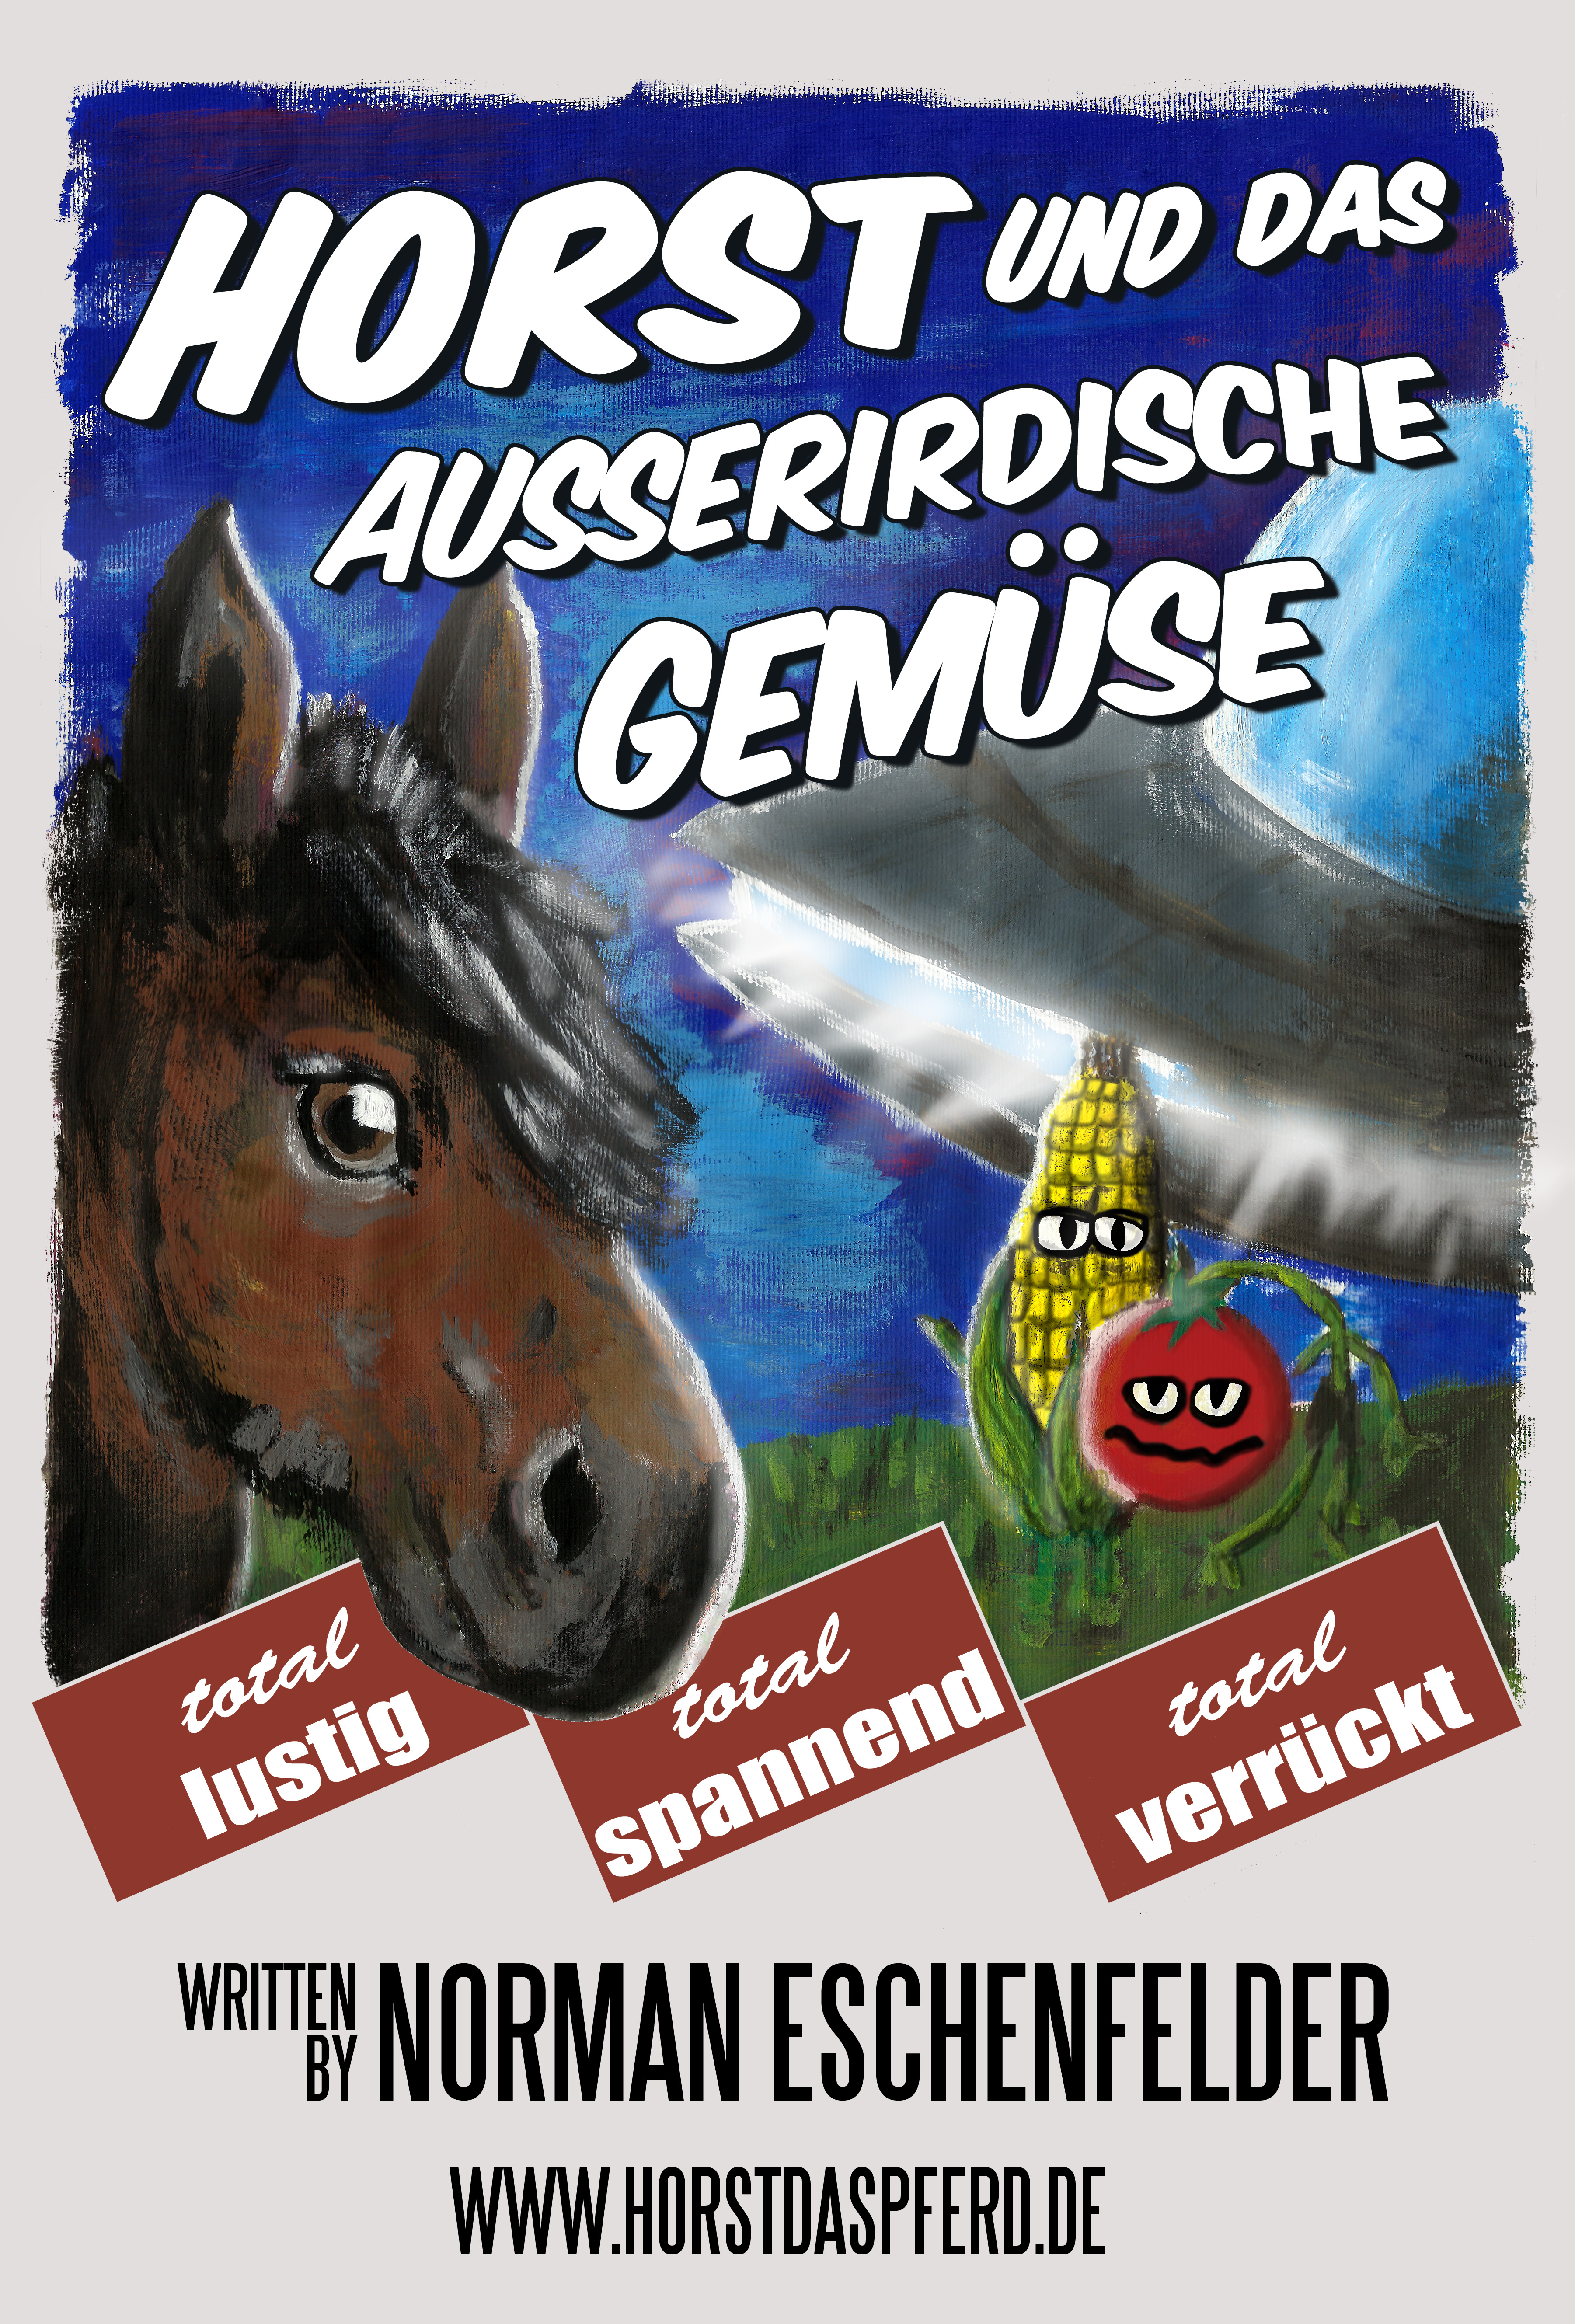 Horst und das ausserirdische Gemuese - Poster by Eschenfelder